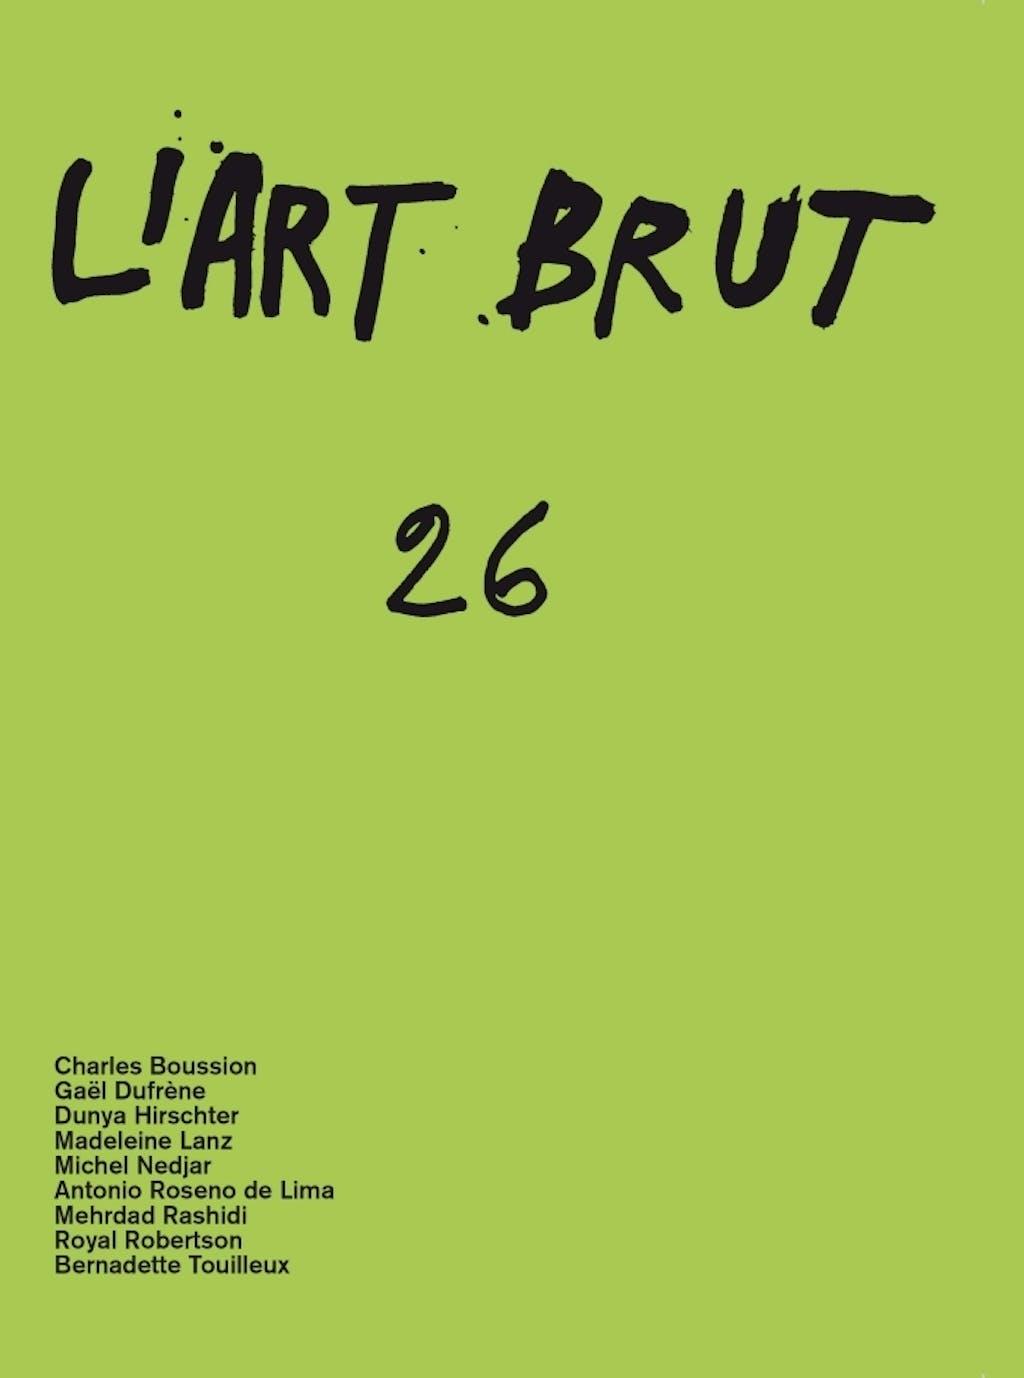 Fascicule de l'art brut n°26 - © christian berst — art brut